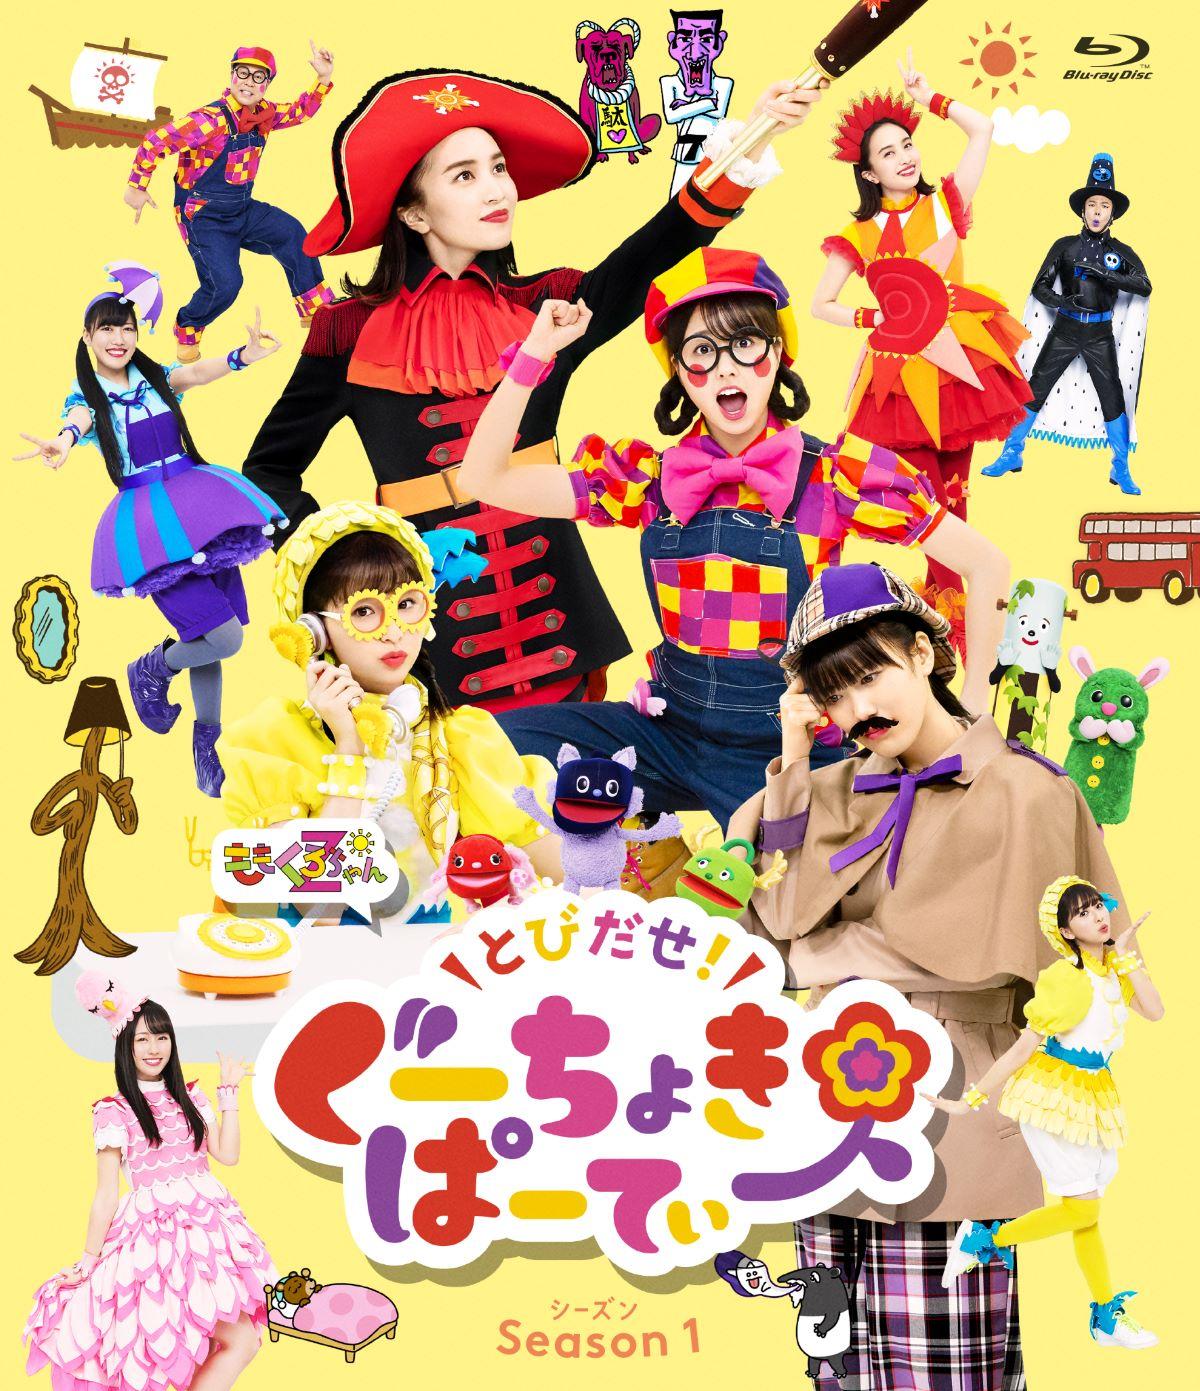 「とびだせ!ぐーちょきぱーてぃー Season 1」Blu-ray